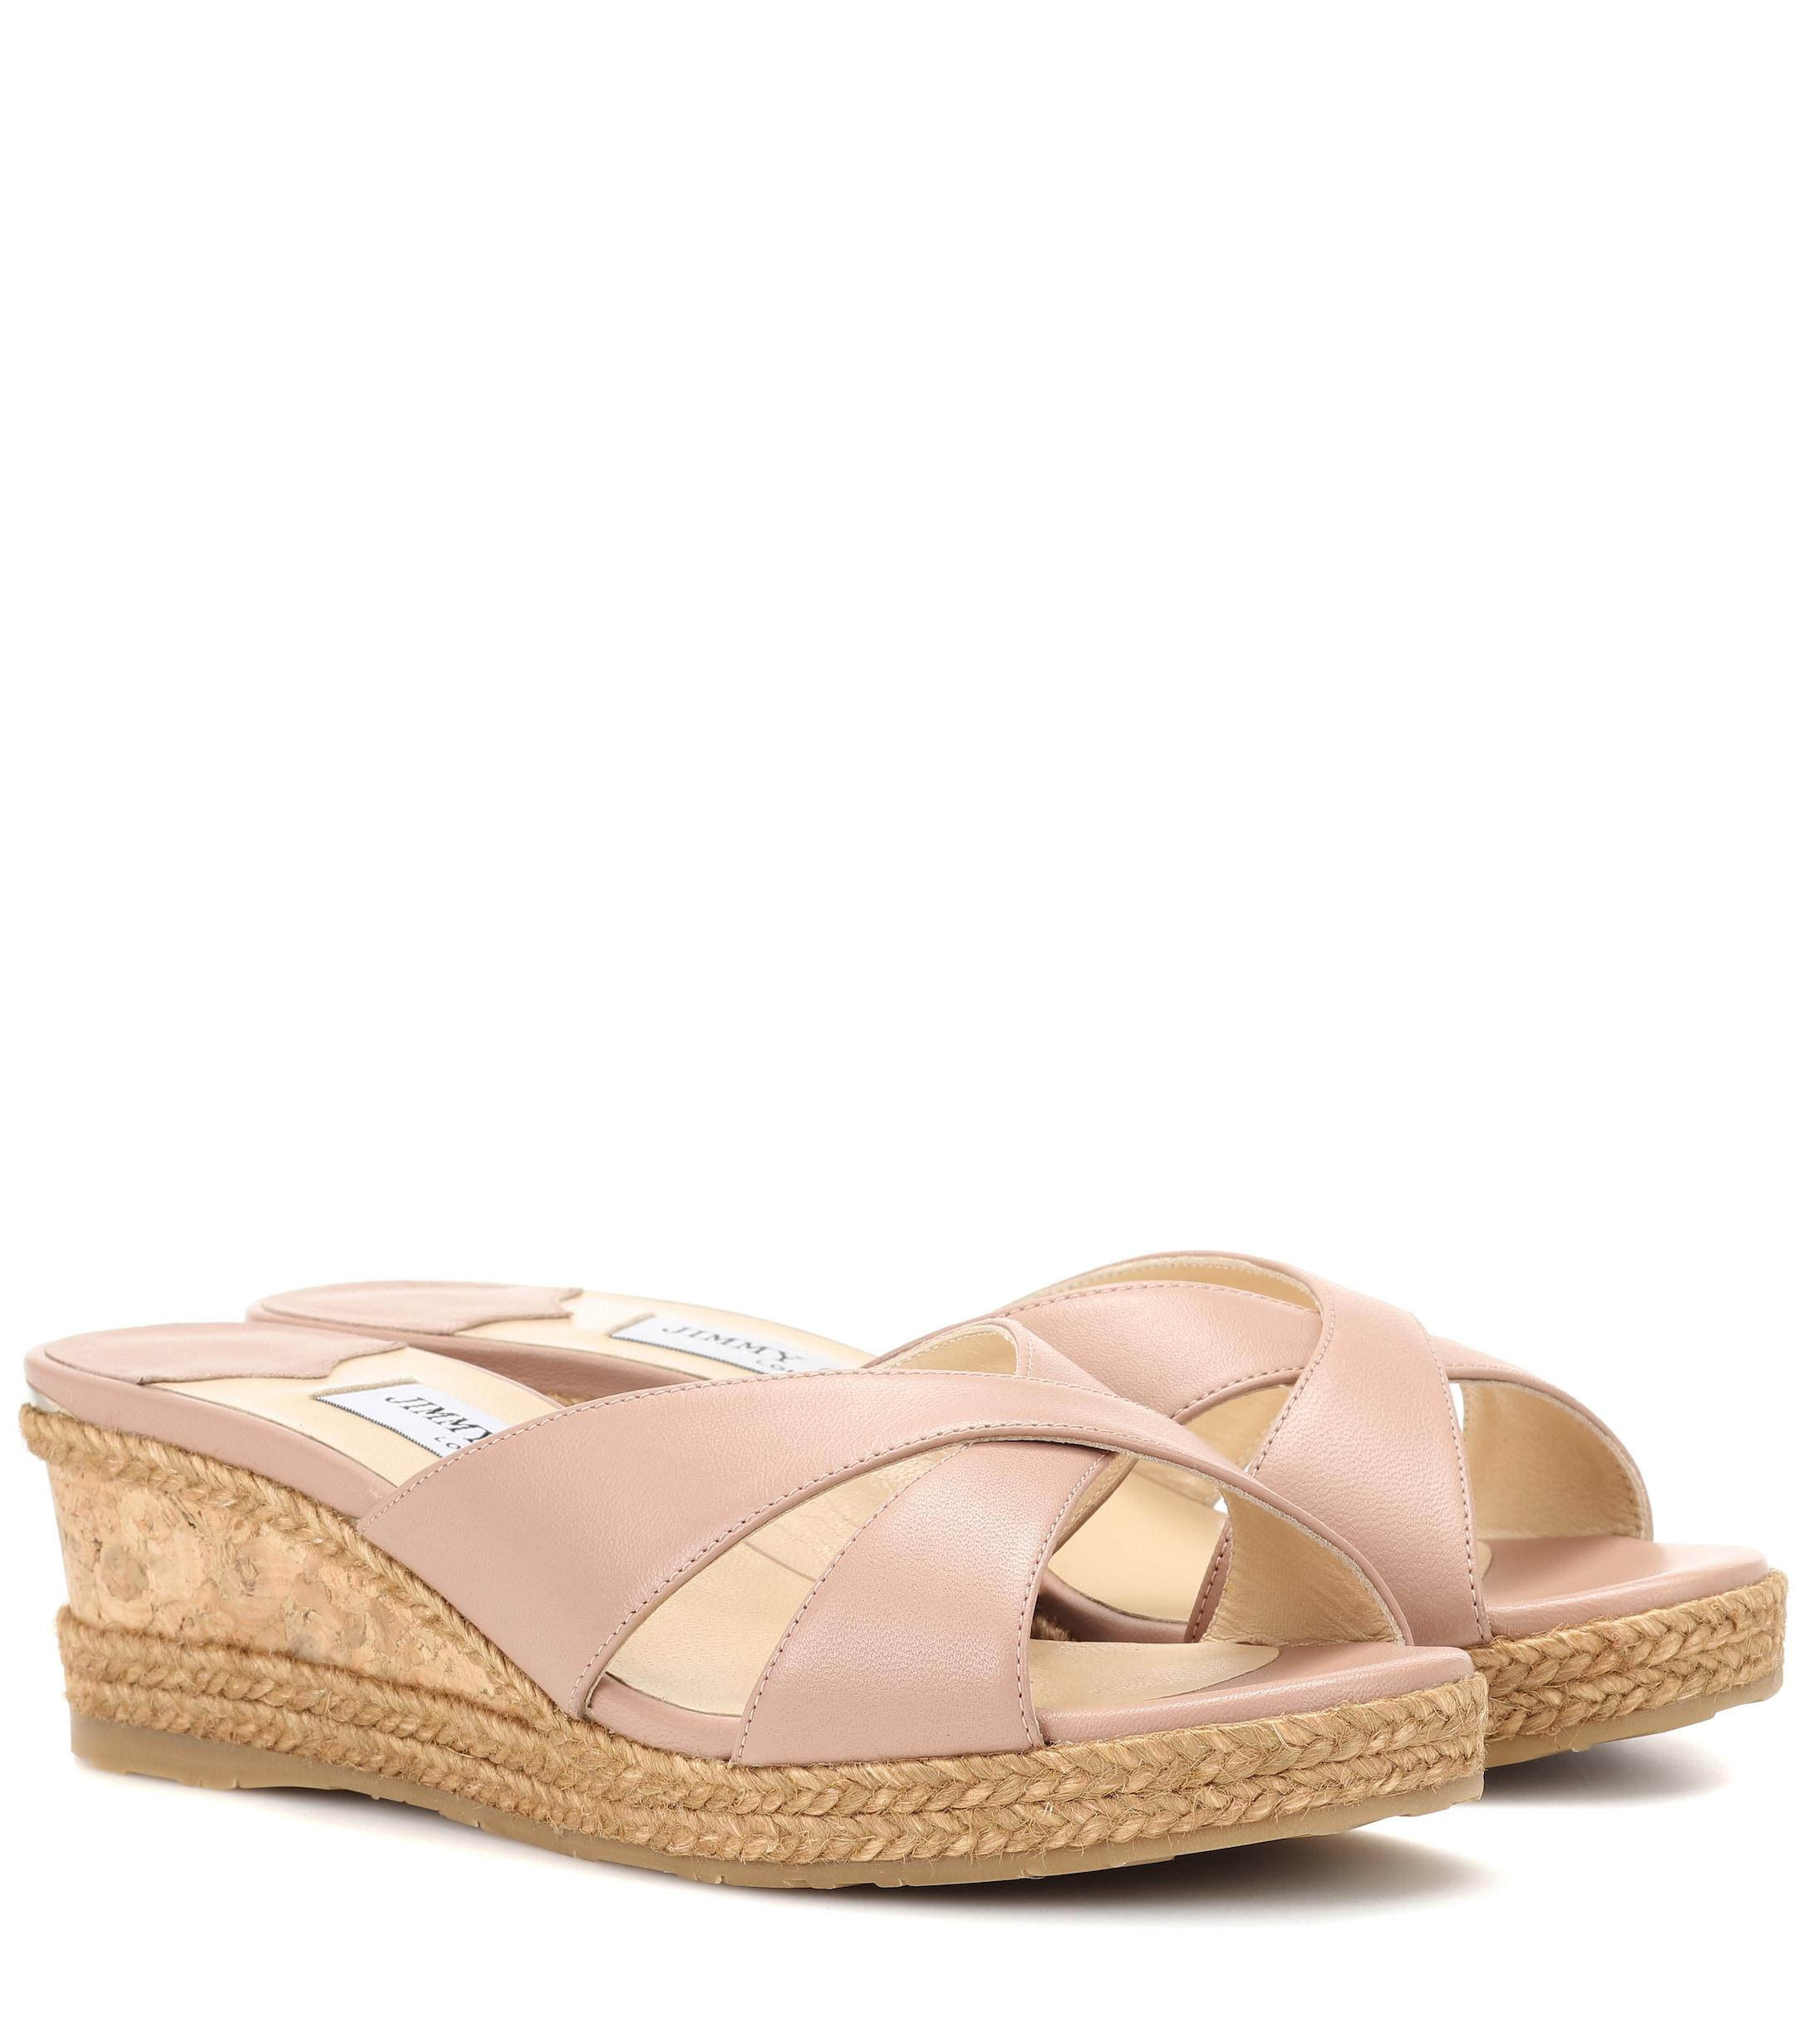 2acbb232f58b Jimmy Choo Almer 50 Leather Slides in Pink - Lyst